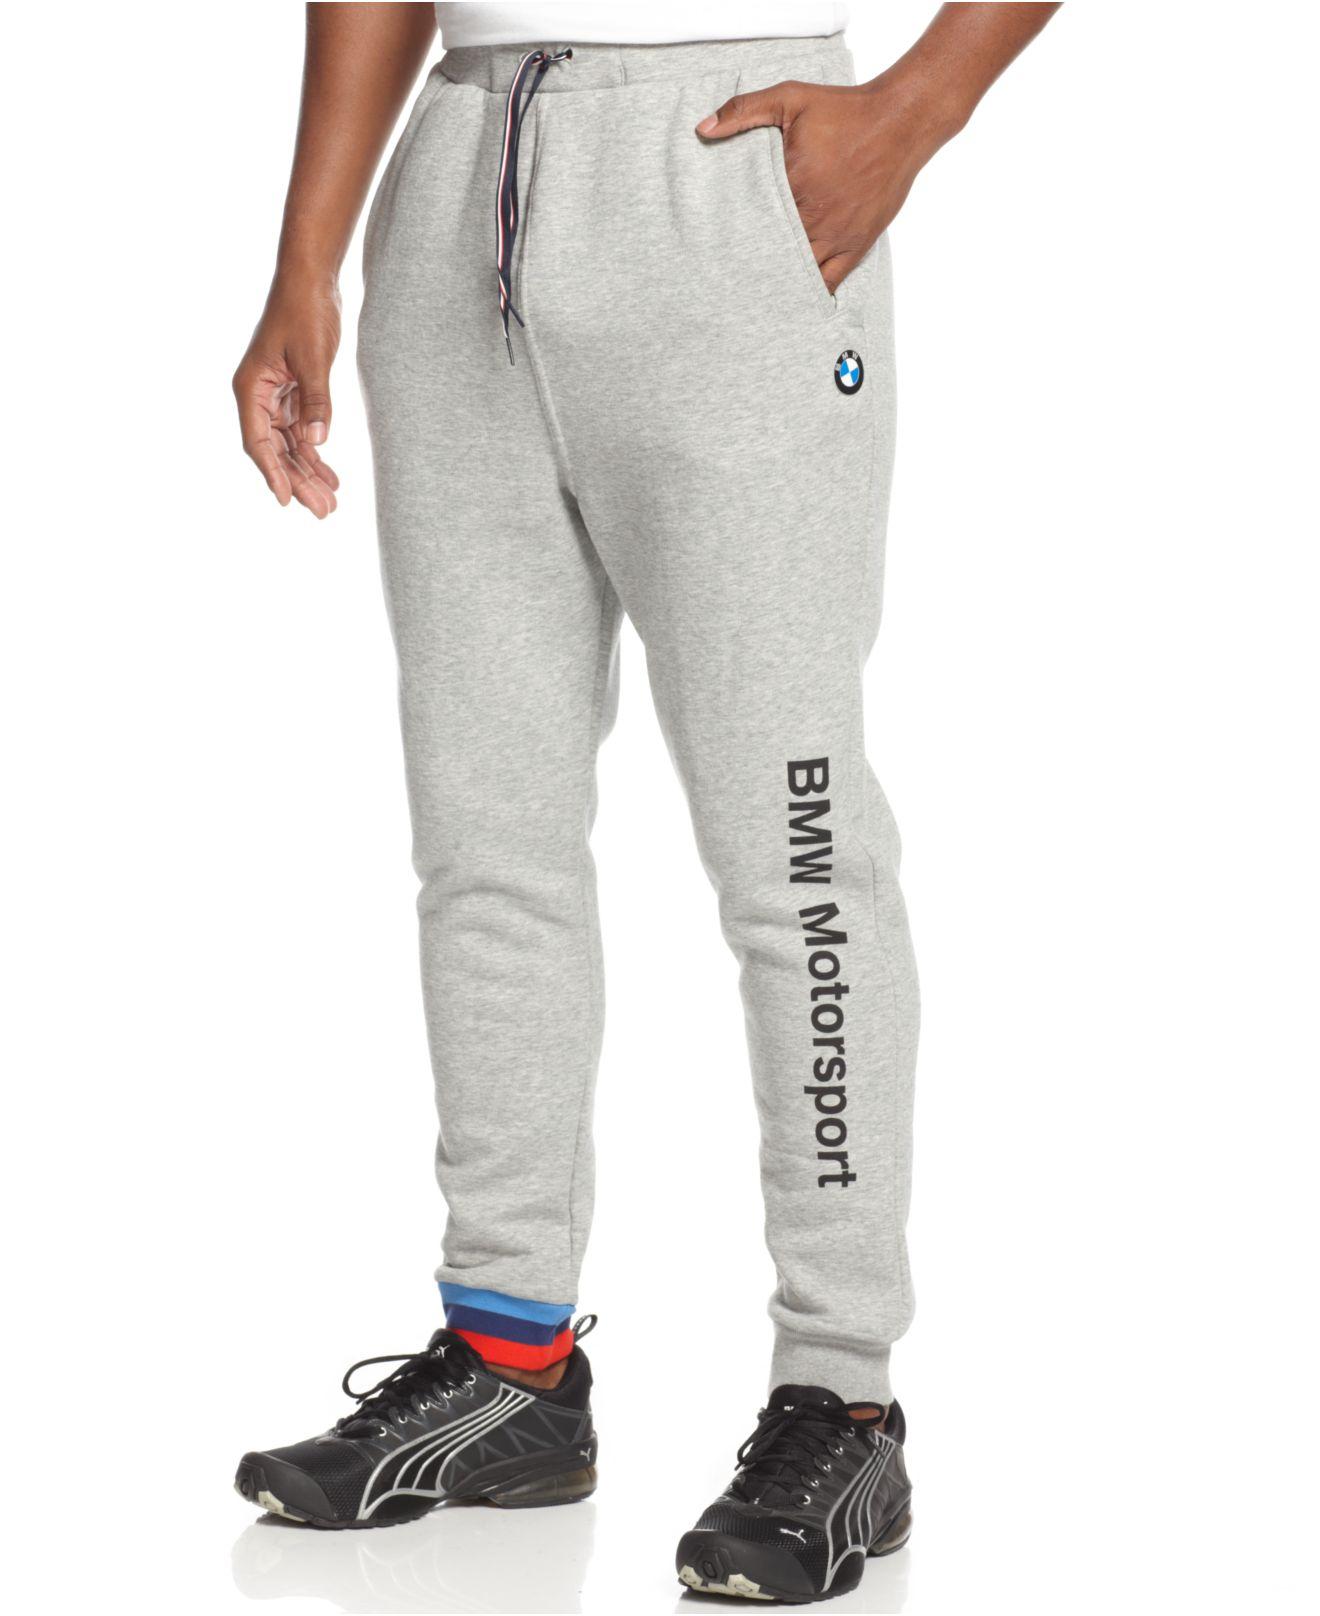 3d62118e6d25 Lyst - PUMA Bmw Fleece Jogger Pants in Gray for Men